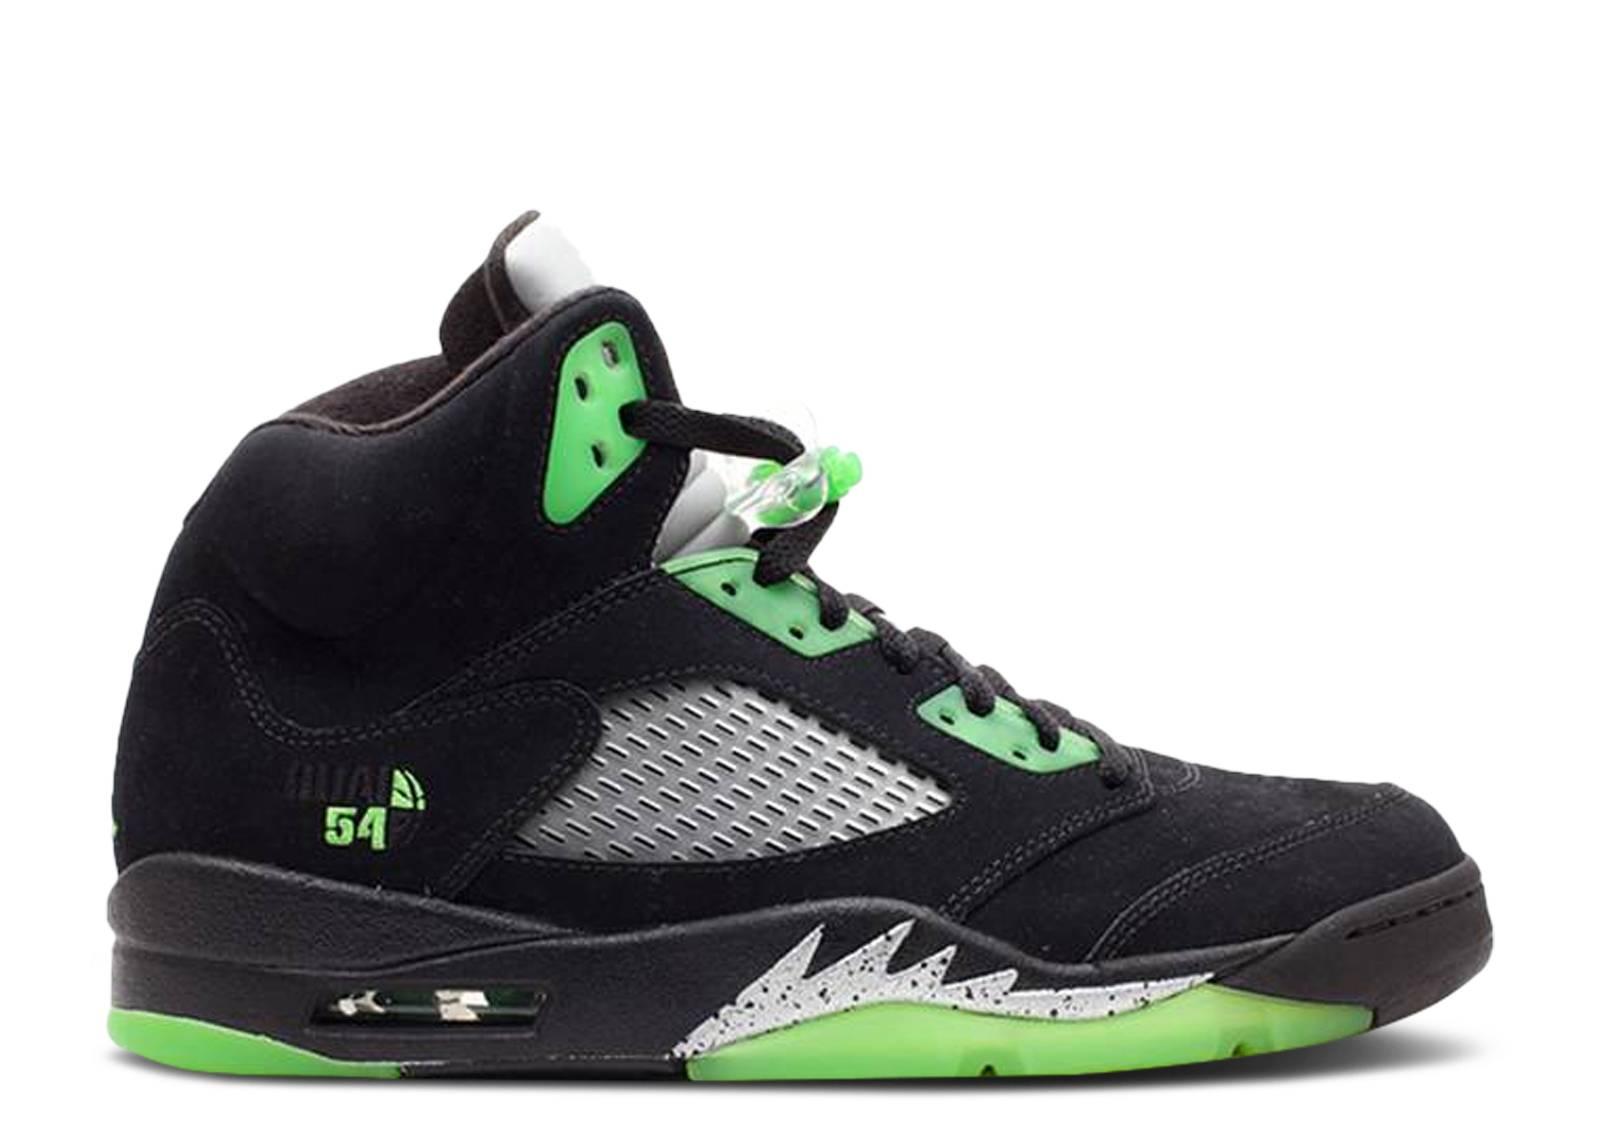 online retailer 98f23 01176 Air Jordan 5 Retro Q54